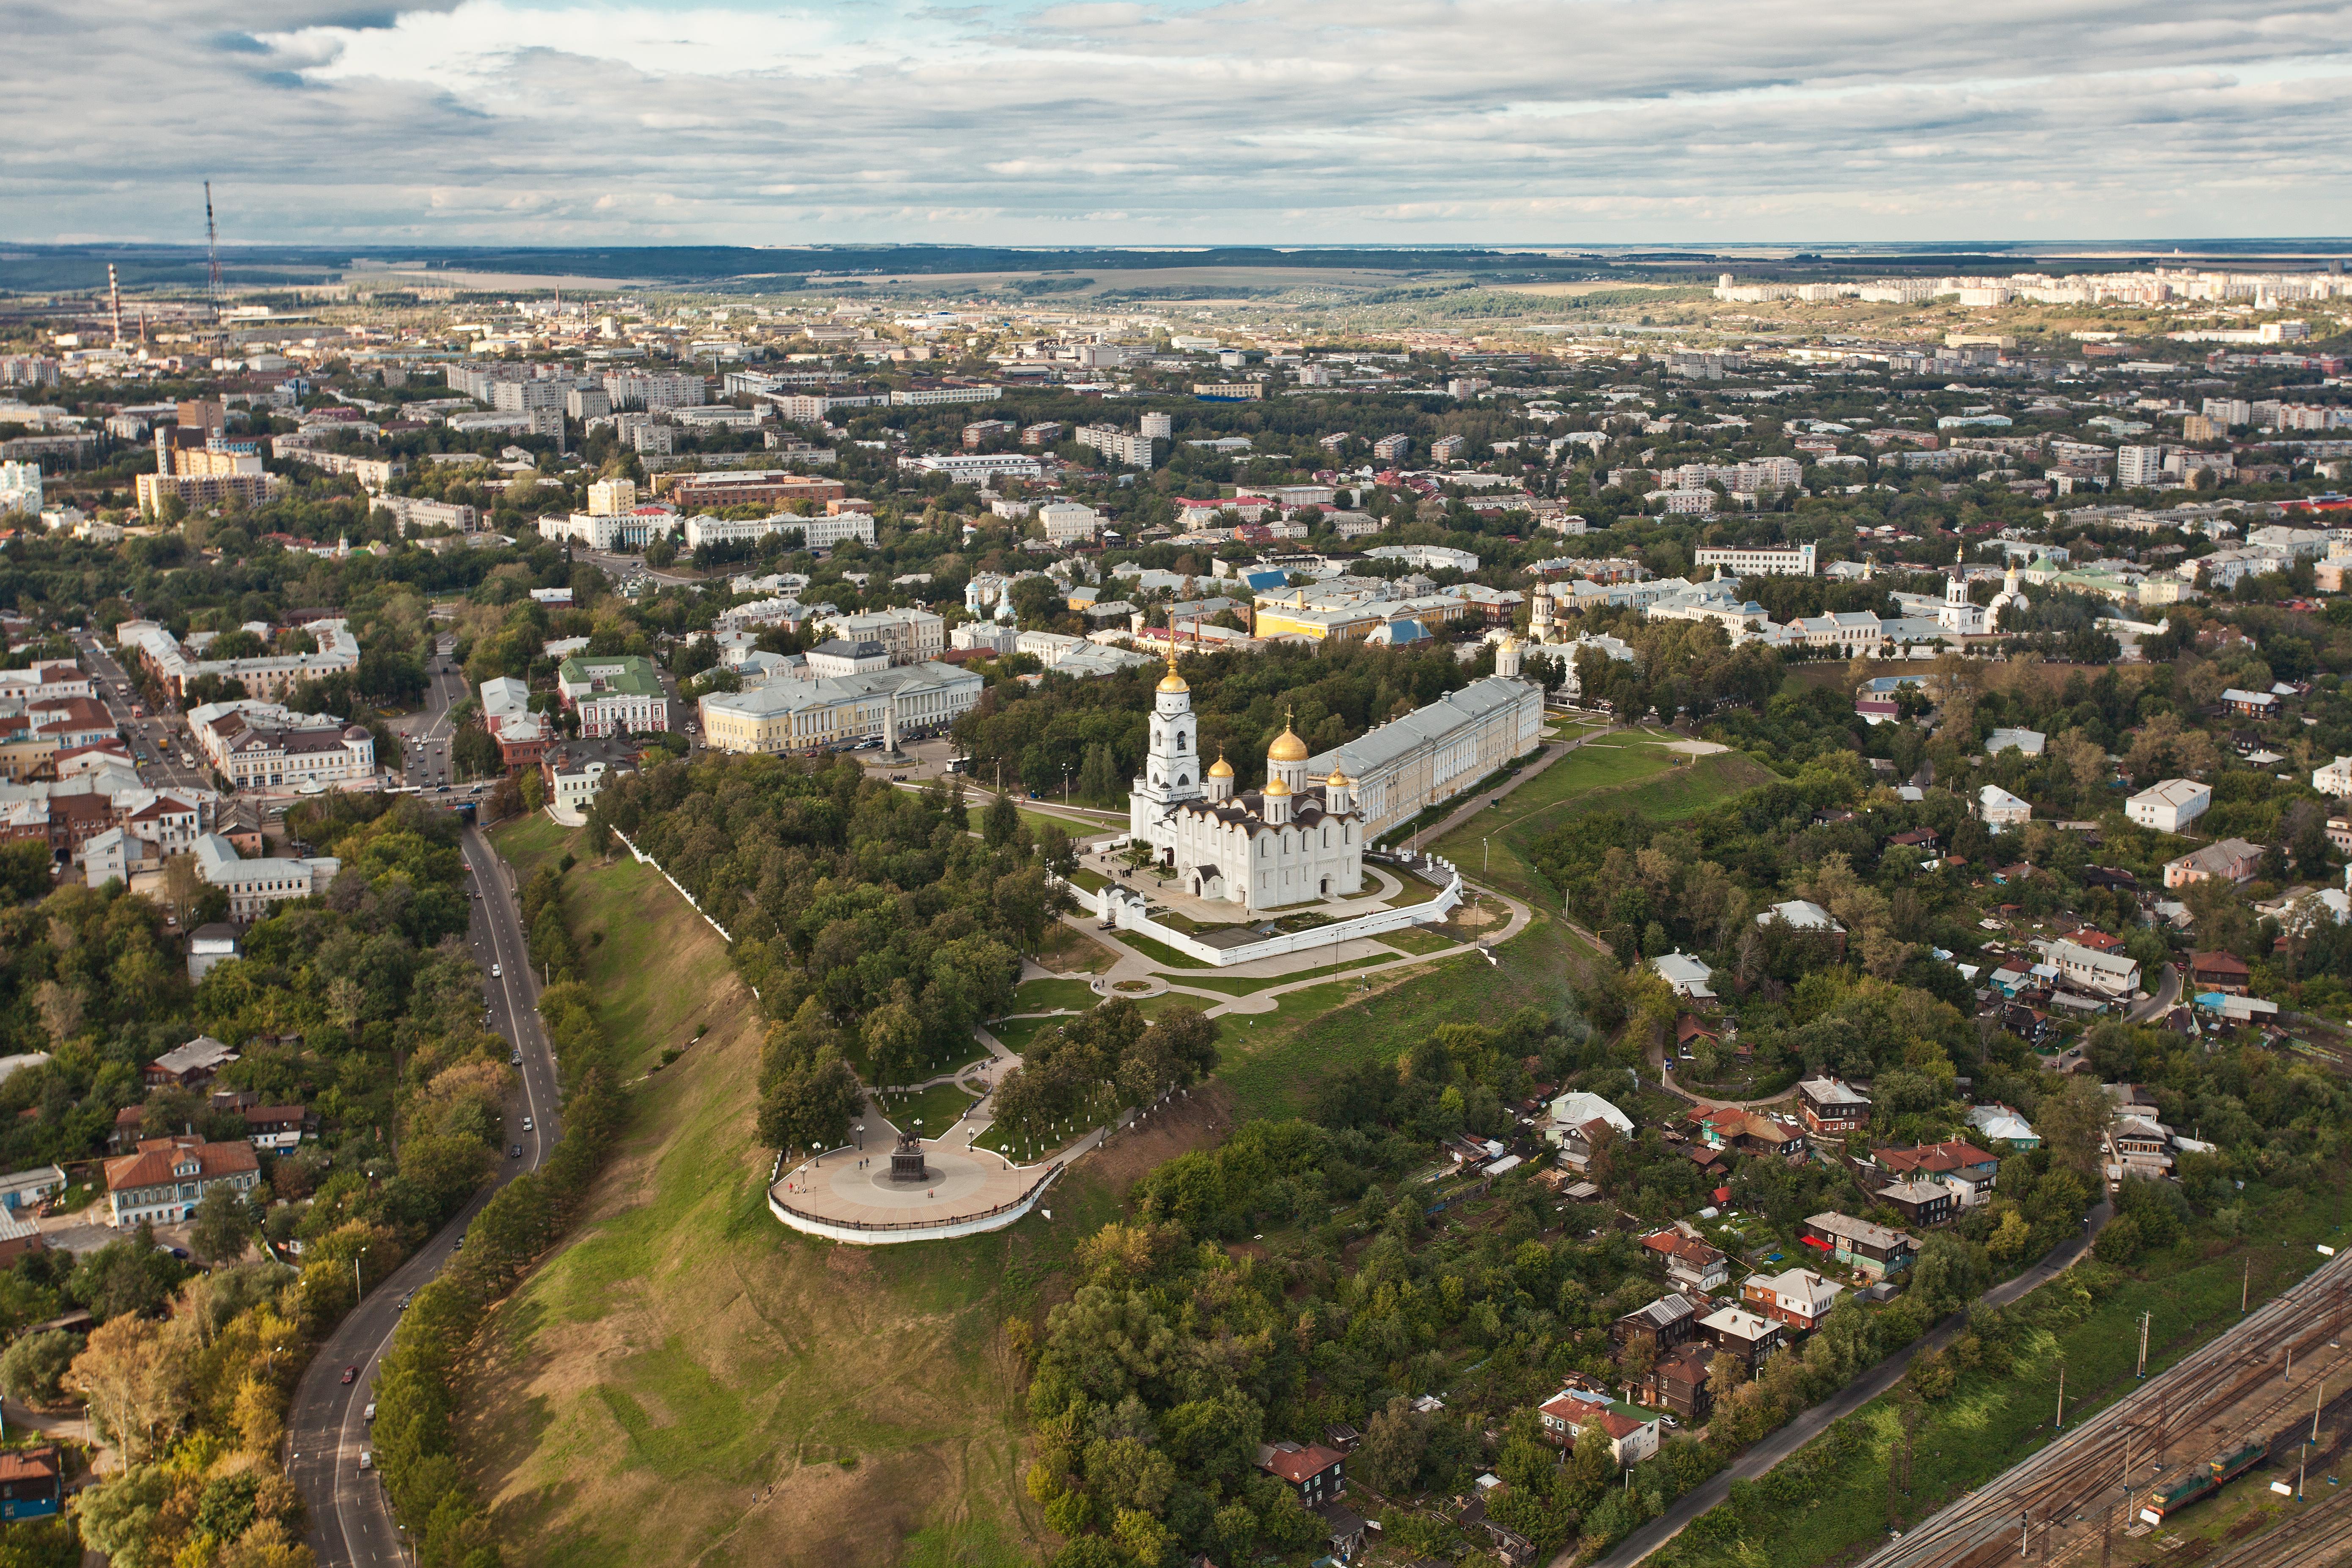 создал город владимир все про него фото узкой долине